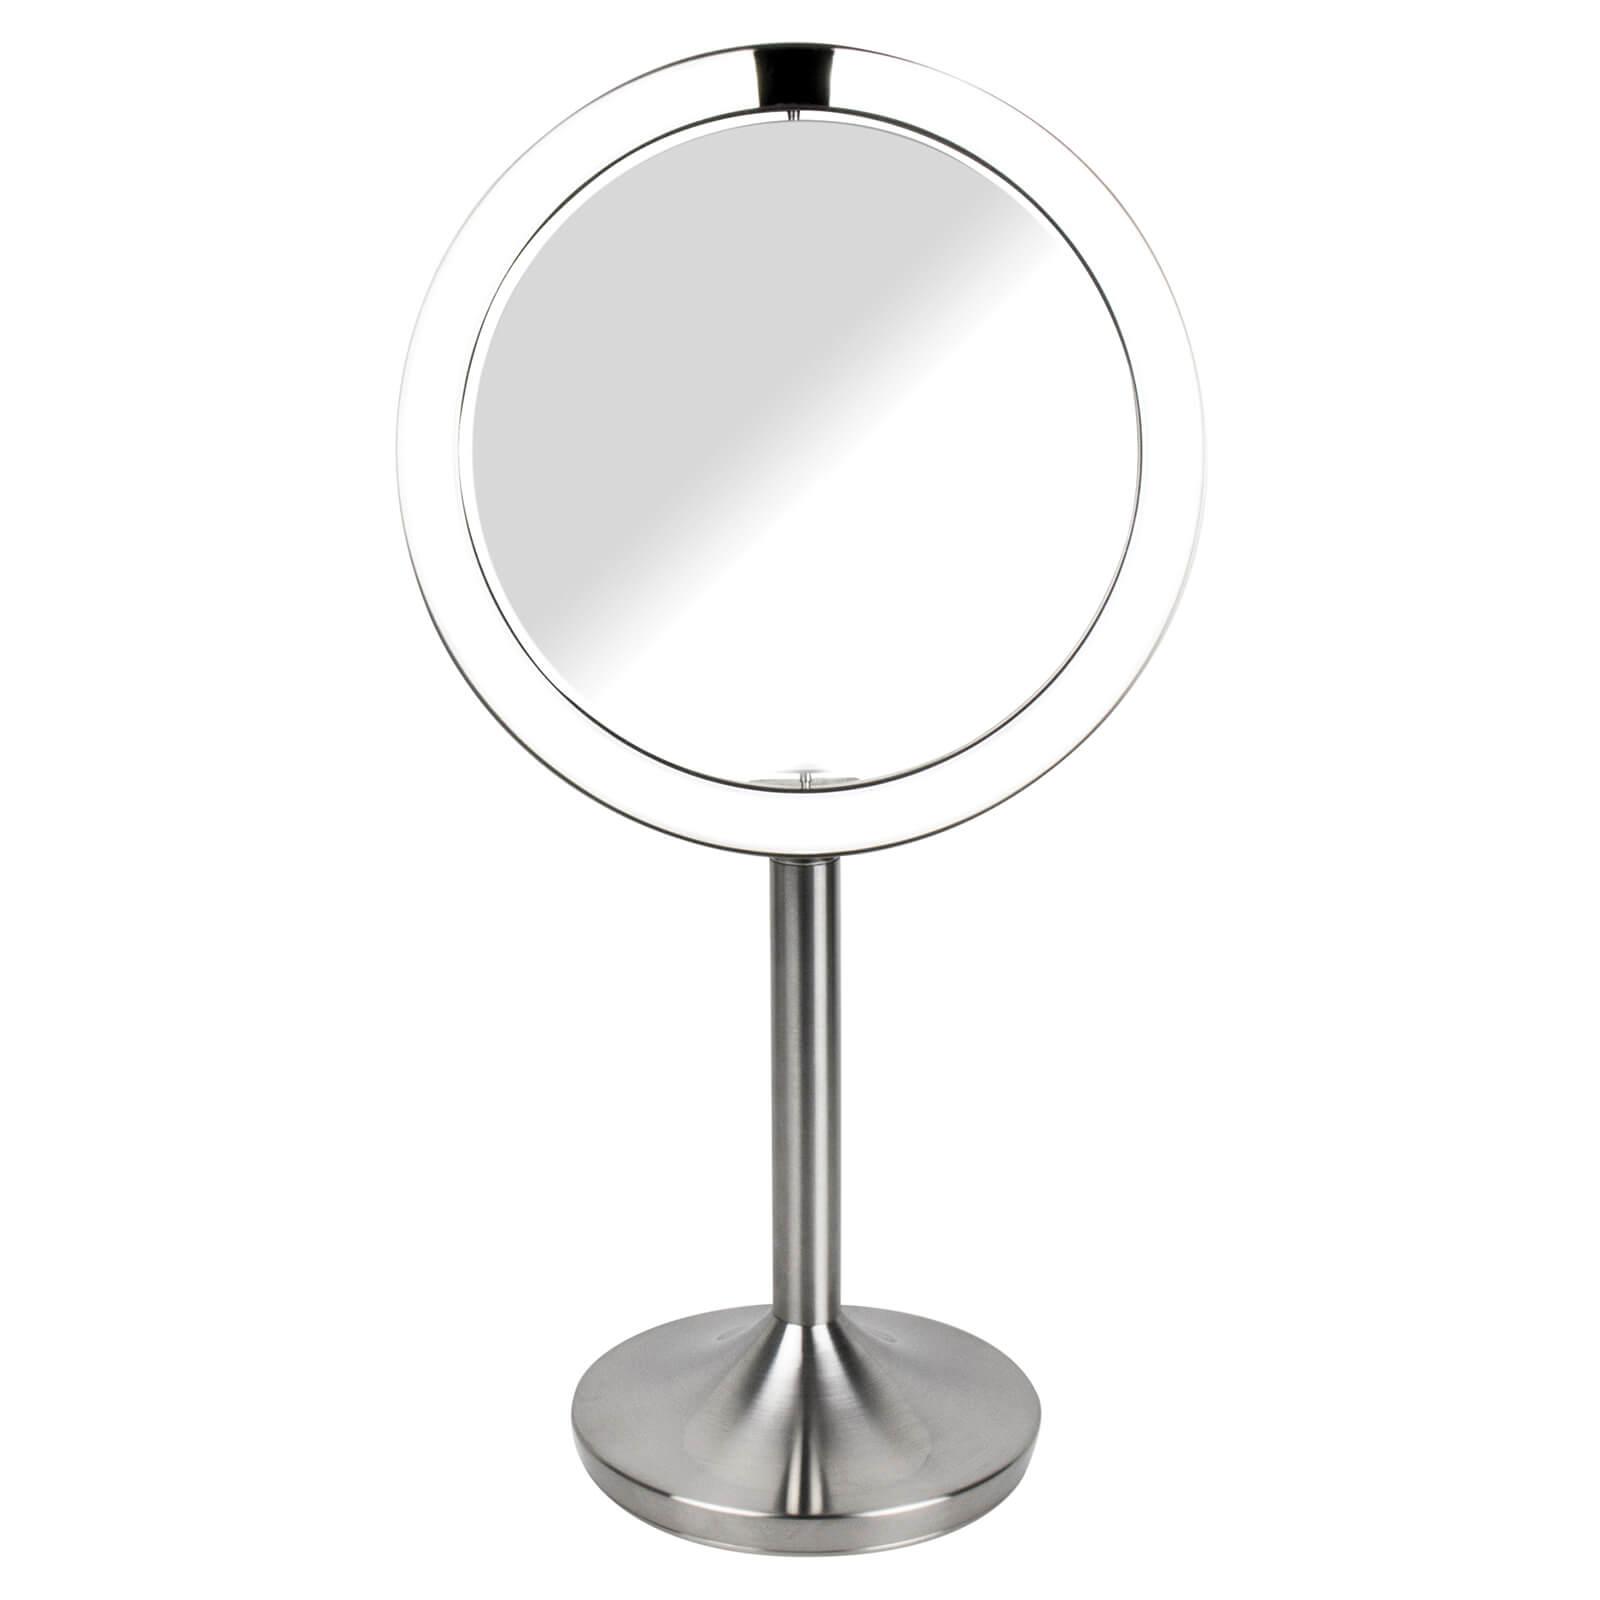 HoMedics Approach Mirror